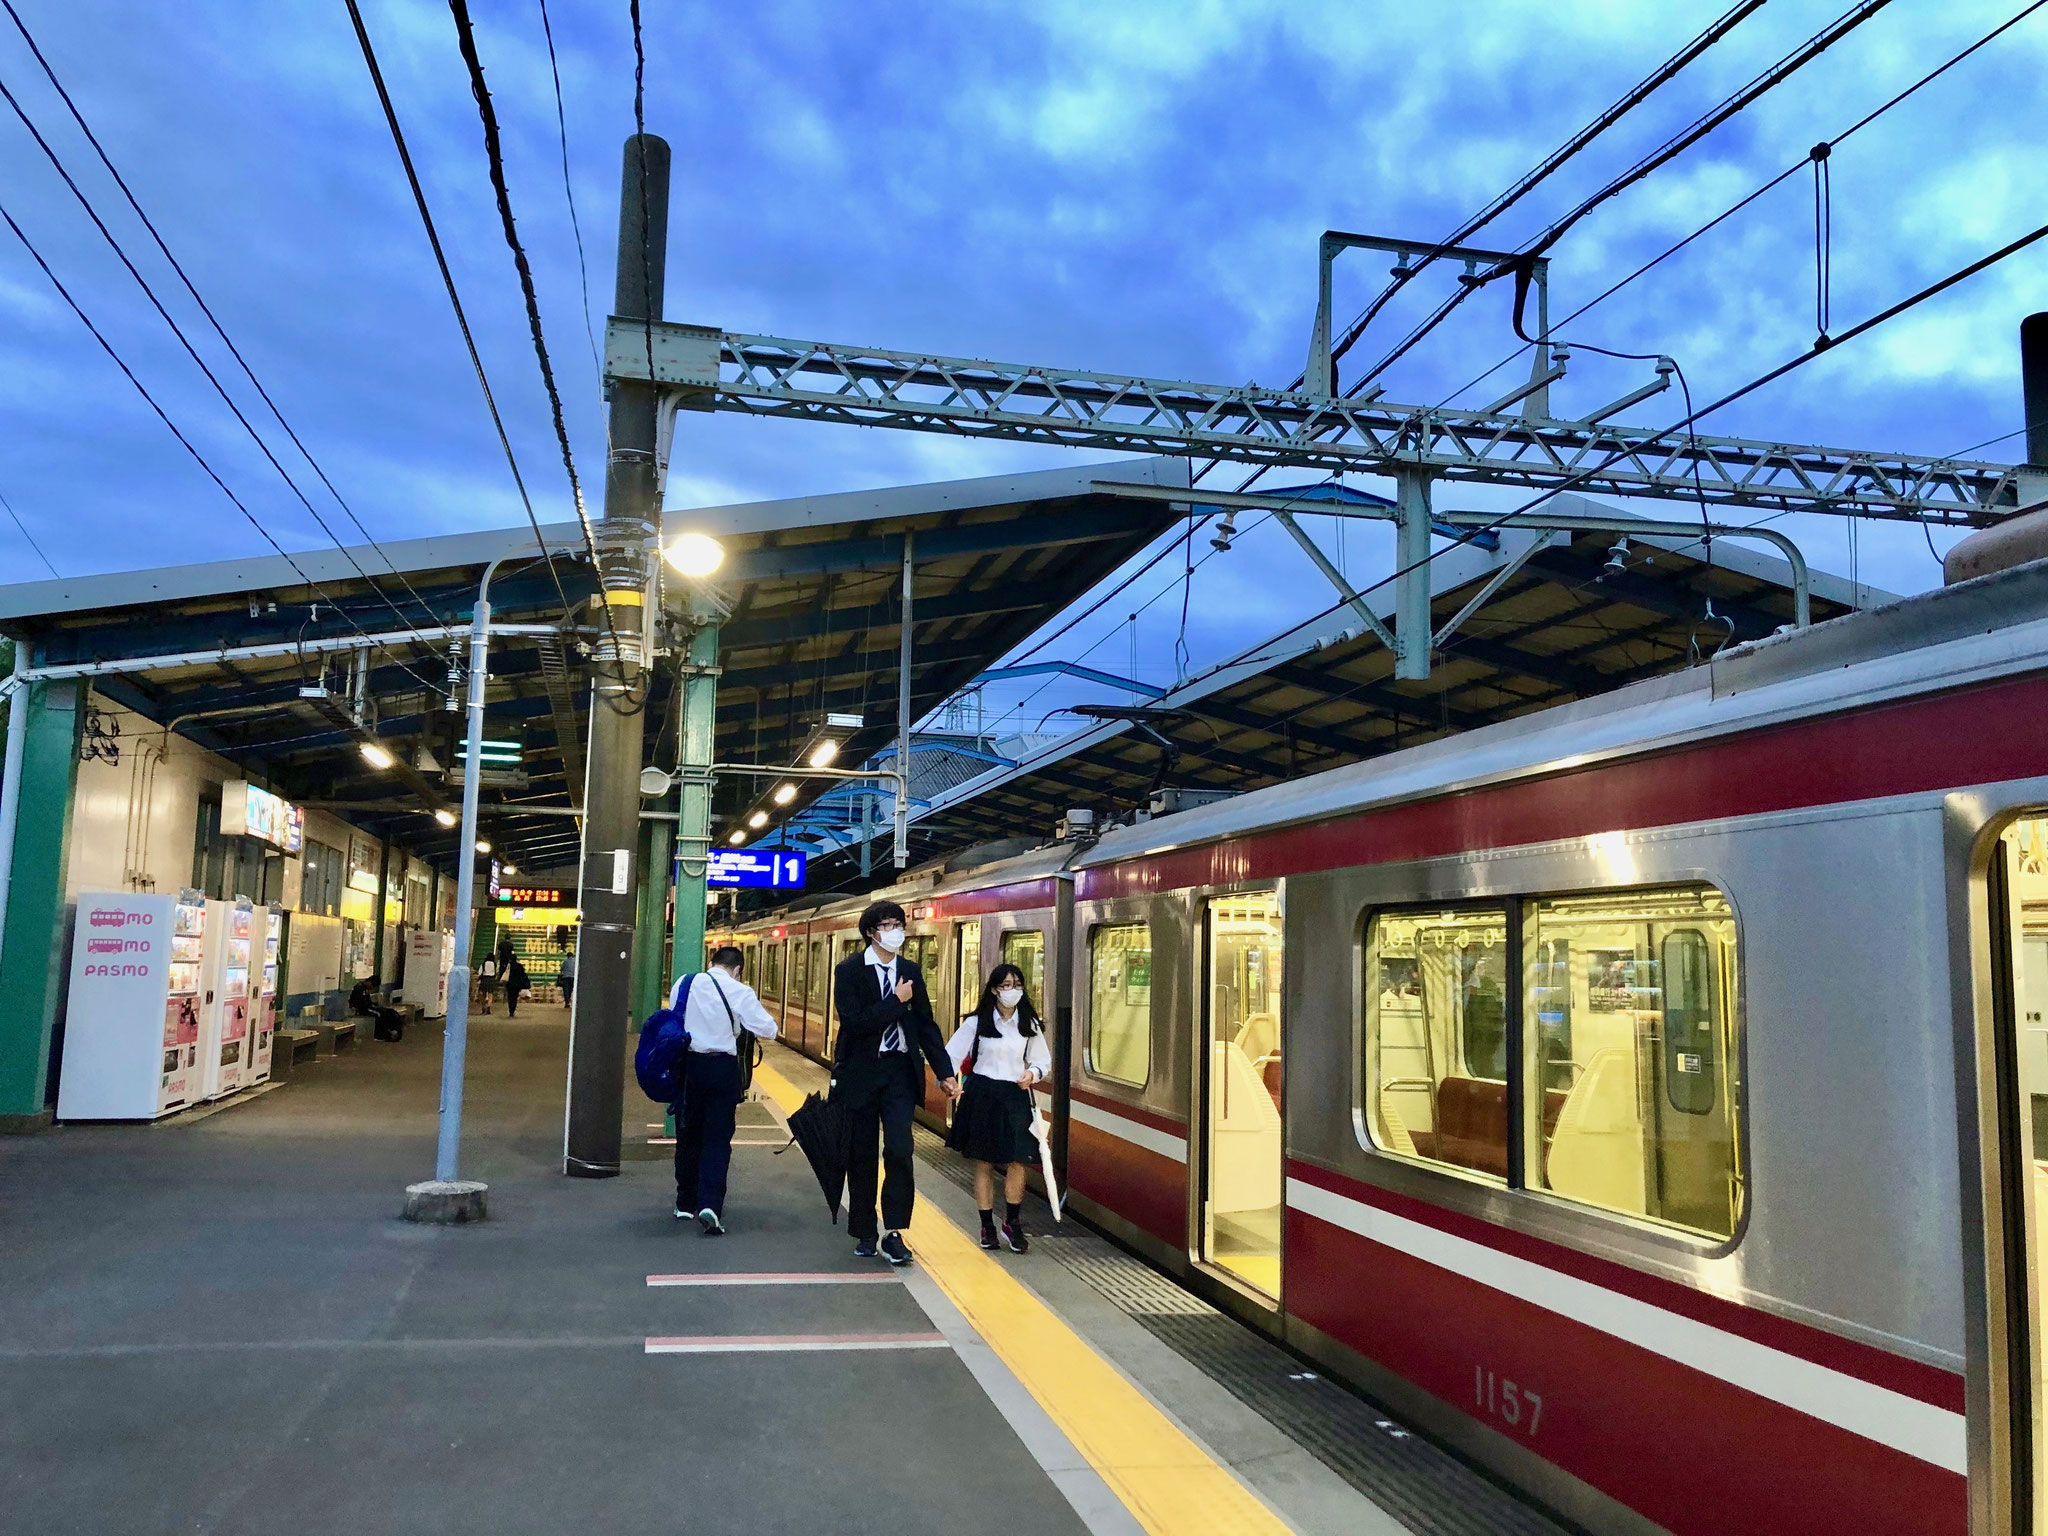 東京では手を繋いだり、抱き合う高校生をよくみかけた。コロナ下だからこそ、ストレートな表現が眩しい。